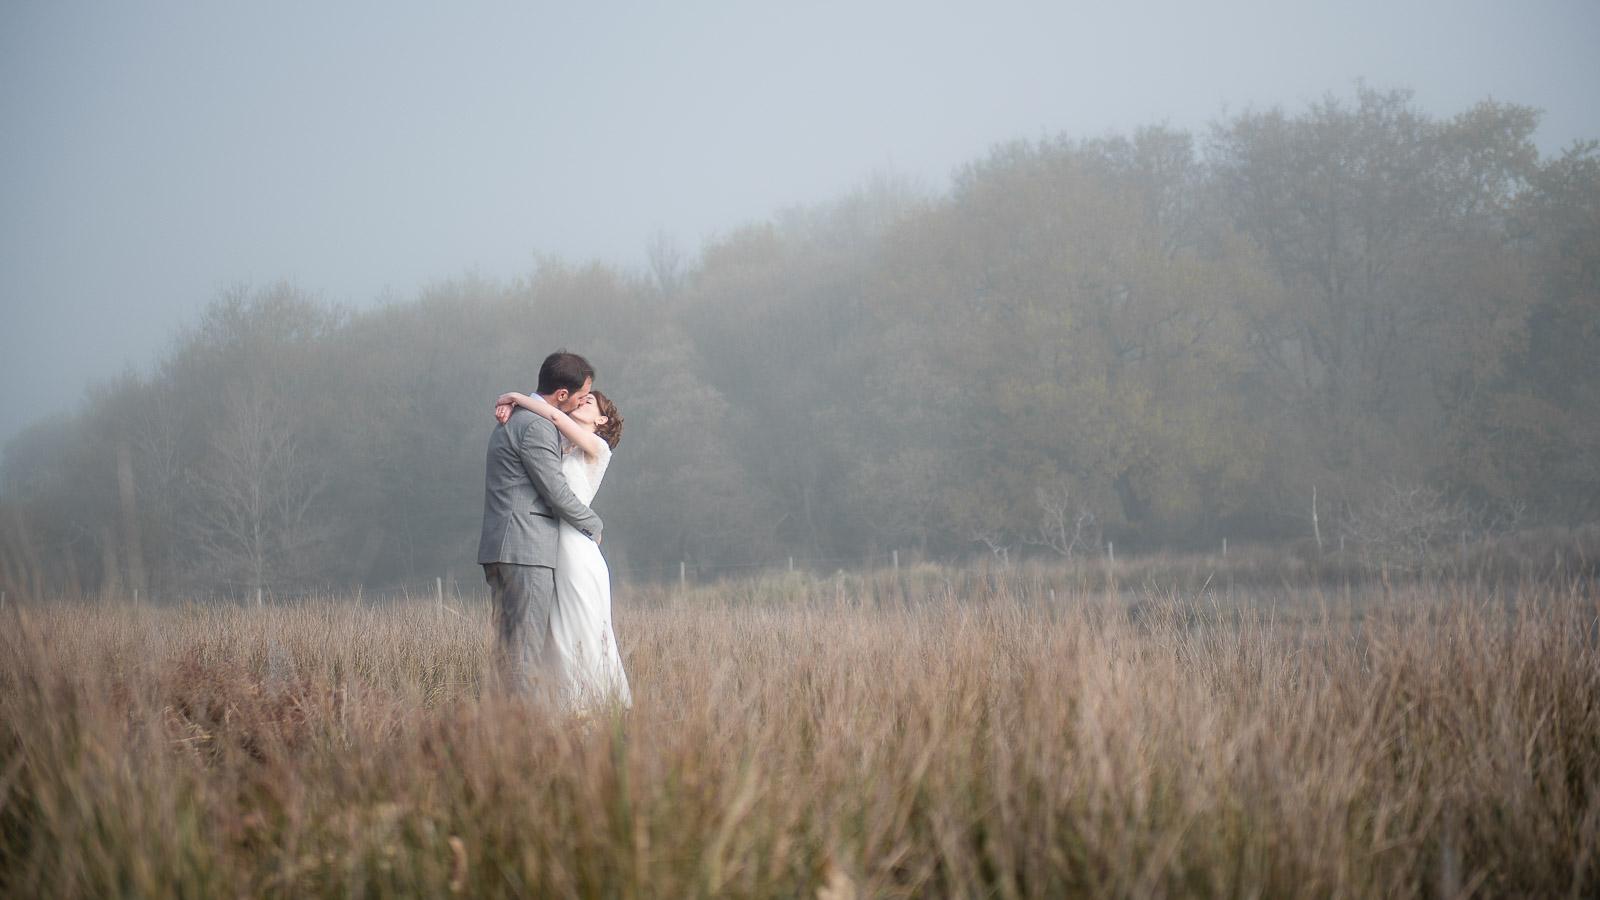 Philippe Le Pochat photographe de mariage à Vannes Morbihan